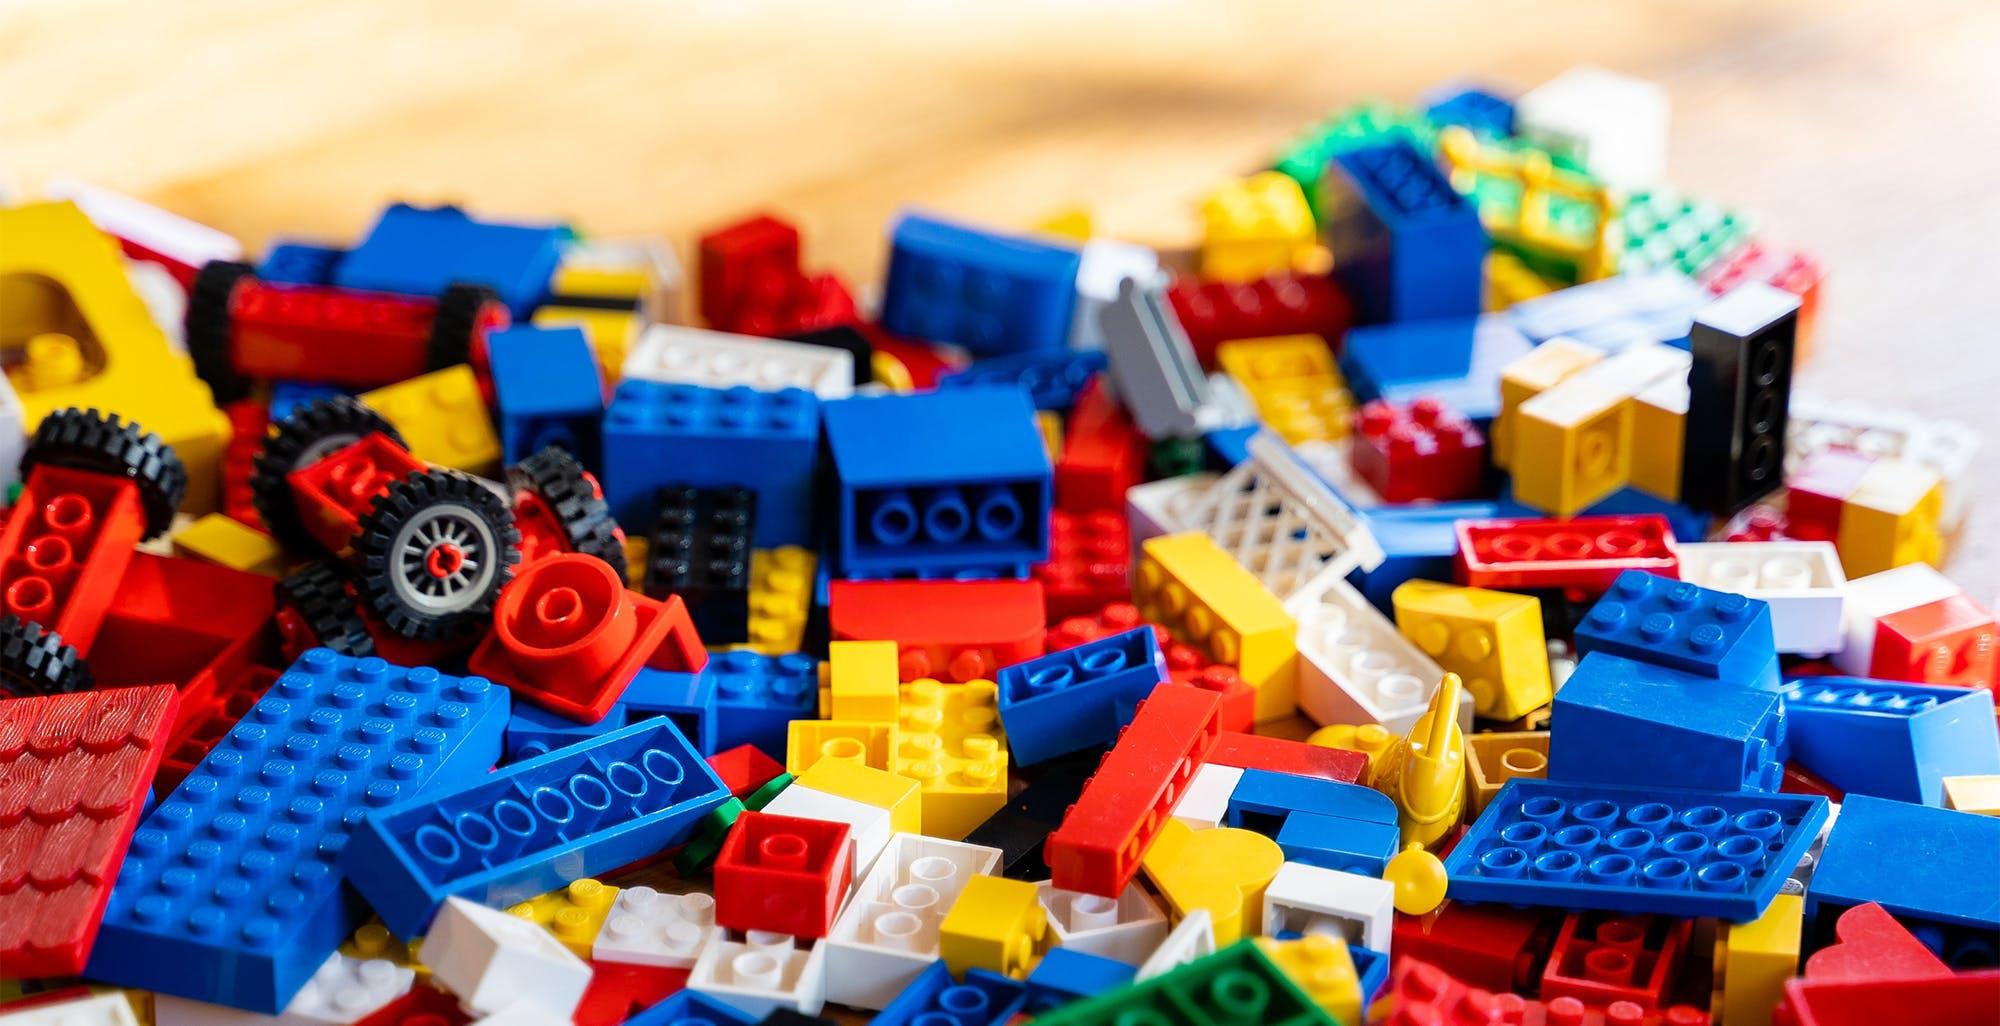 L'Intelligenza Artificiale riconosce i mattoncini Lego da una foto e ti dice cosa costruire. È un'app gratuita per iOS